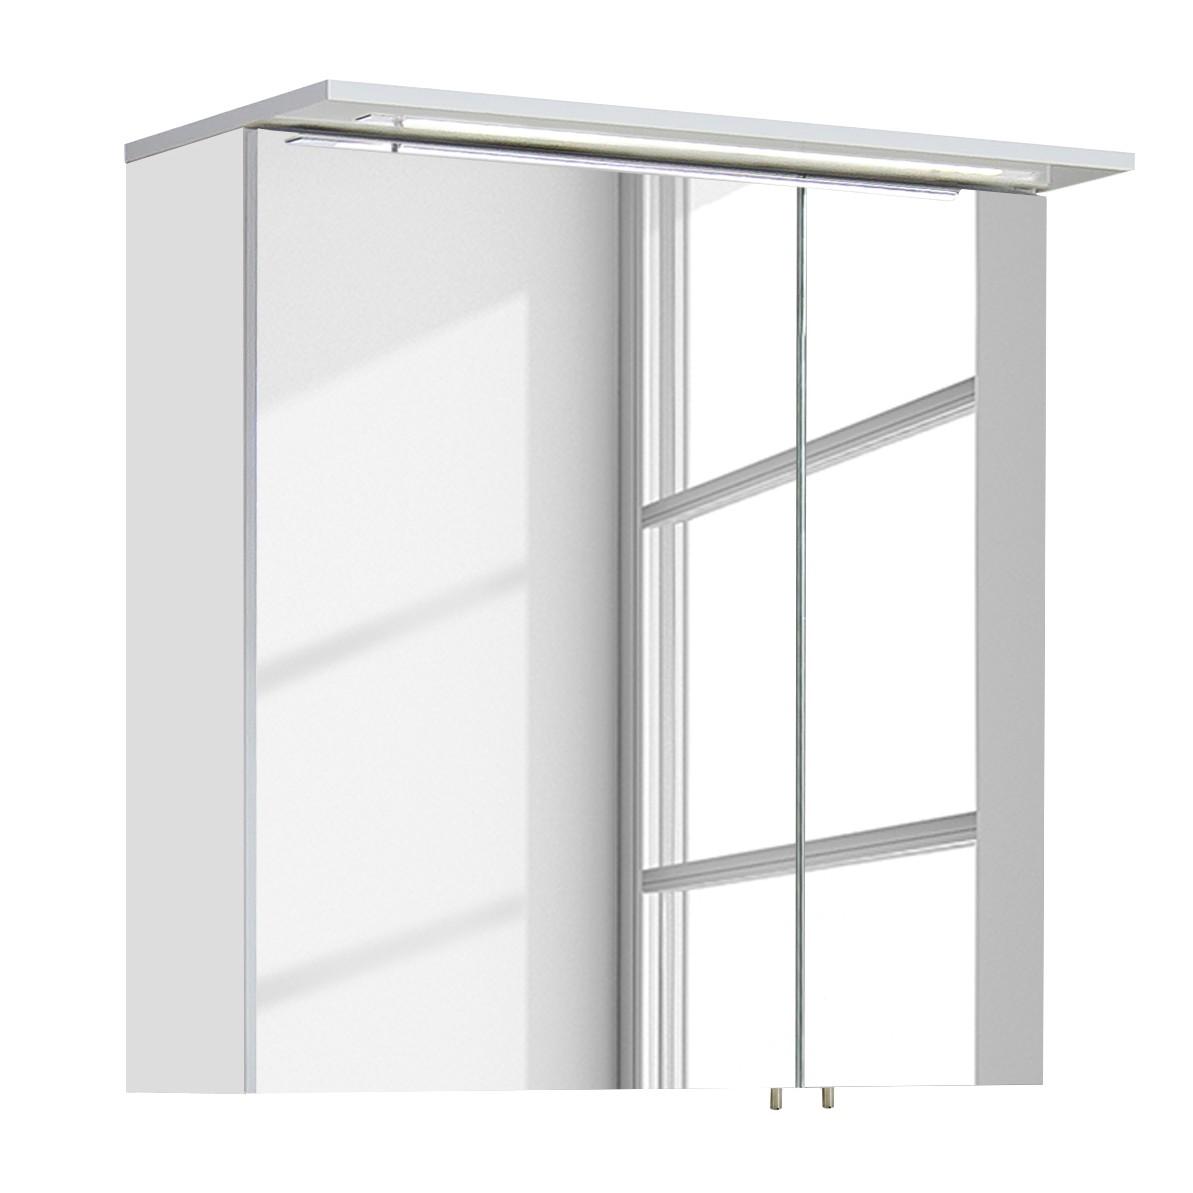 EEK A+, Armoire avec miroir Genf II (avec éclairage) - Blanc brillant, Schildmeyer